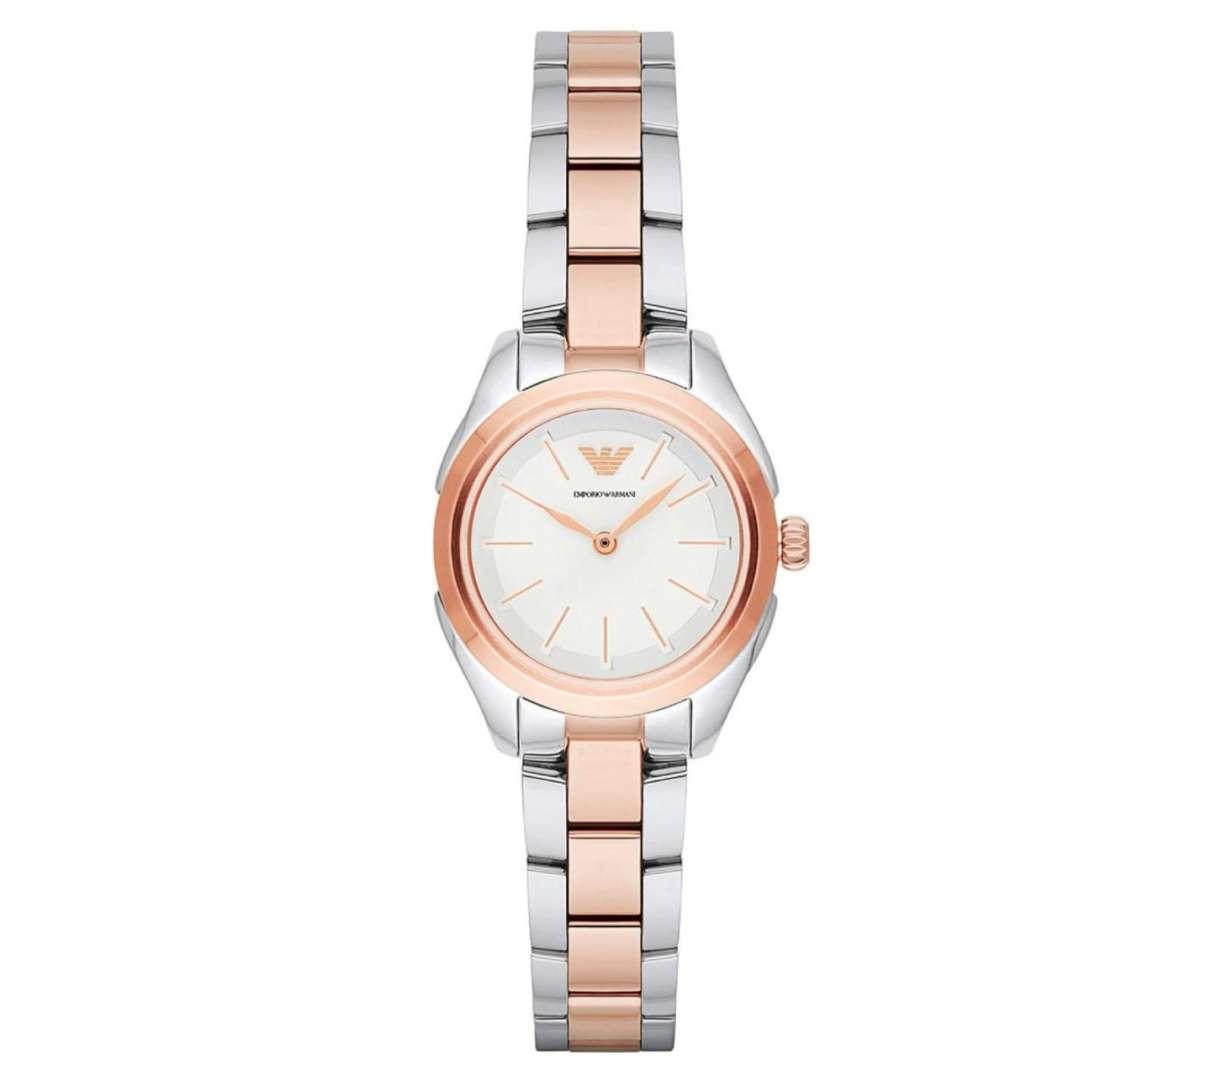 שעון יד אנלוגי לאישה emporio armani ar11029 אמפוריו ארמני